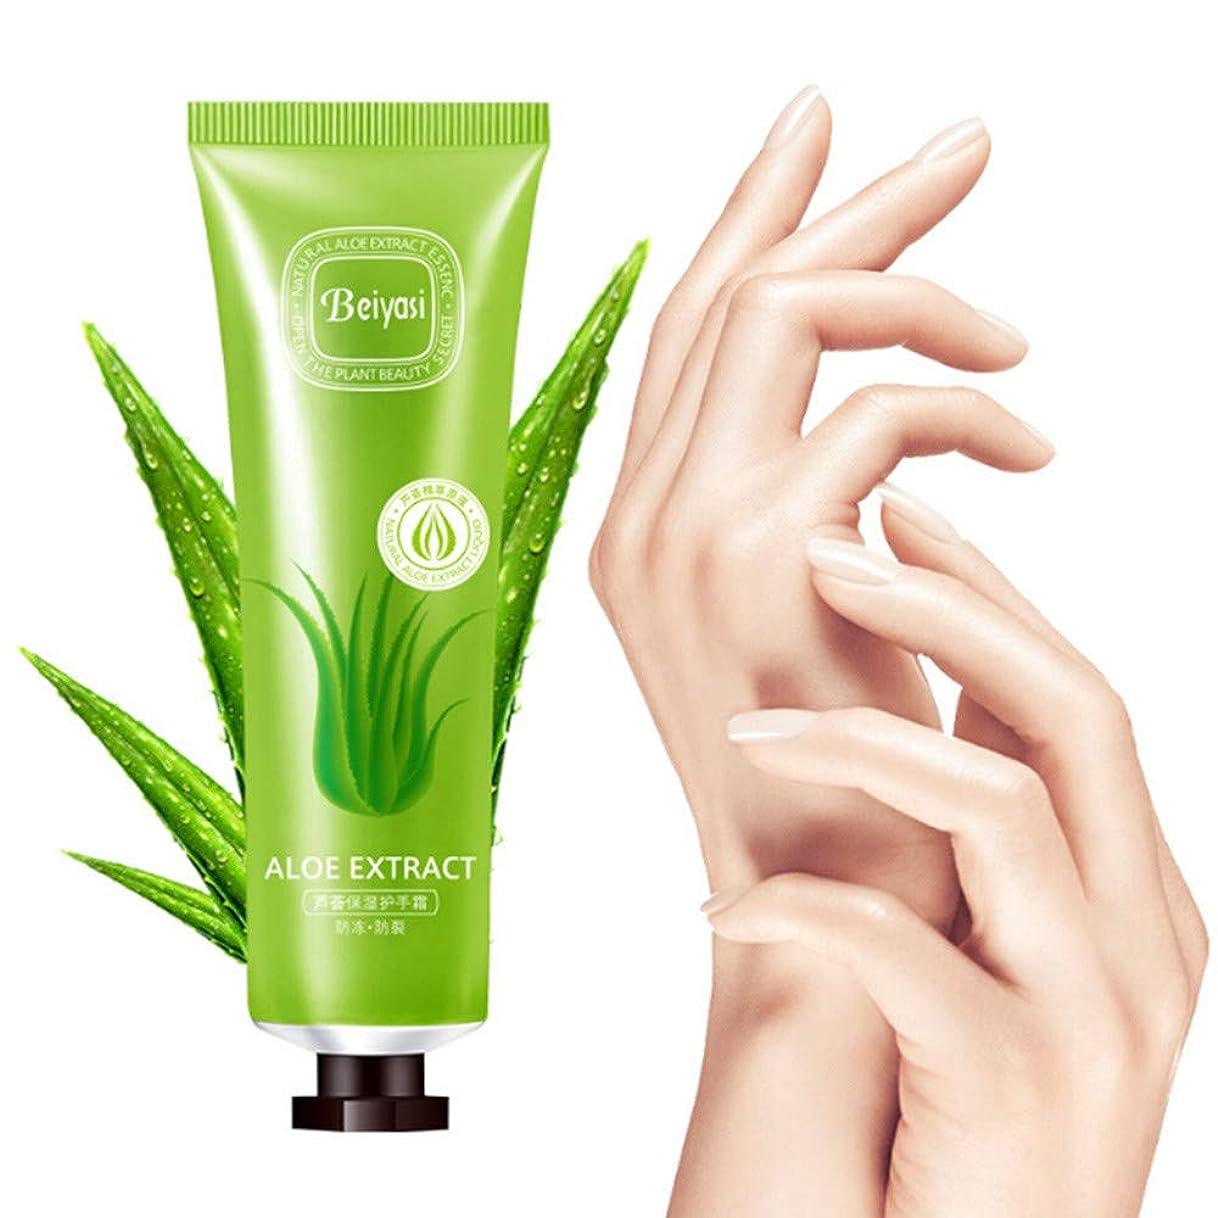 ホテル肩をすくめるハンドクリーム Akane BEIYASI アロエ 潤う 香り 手荒れを防ぐ 保湿 水分 無添加 天然 乾燥肌用 自然 肌荒れ予防 Hand Cream 30g